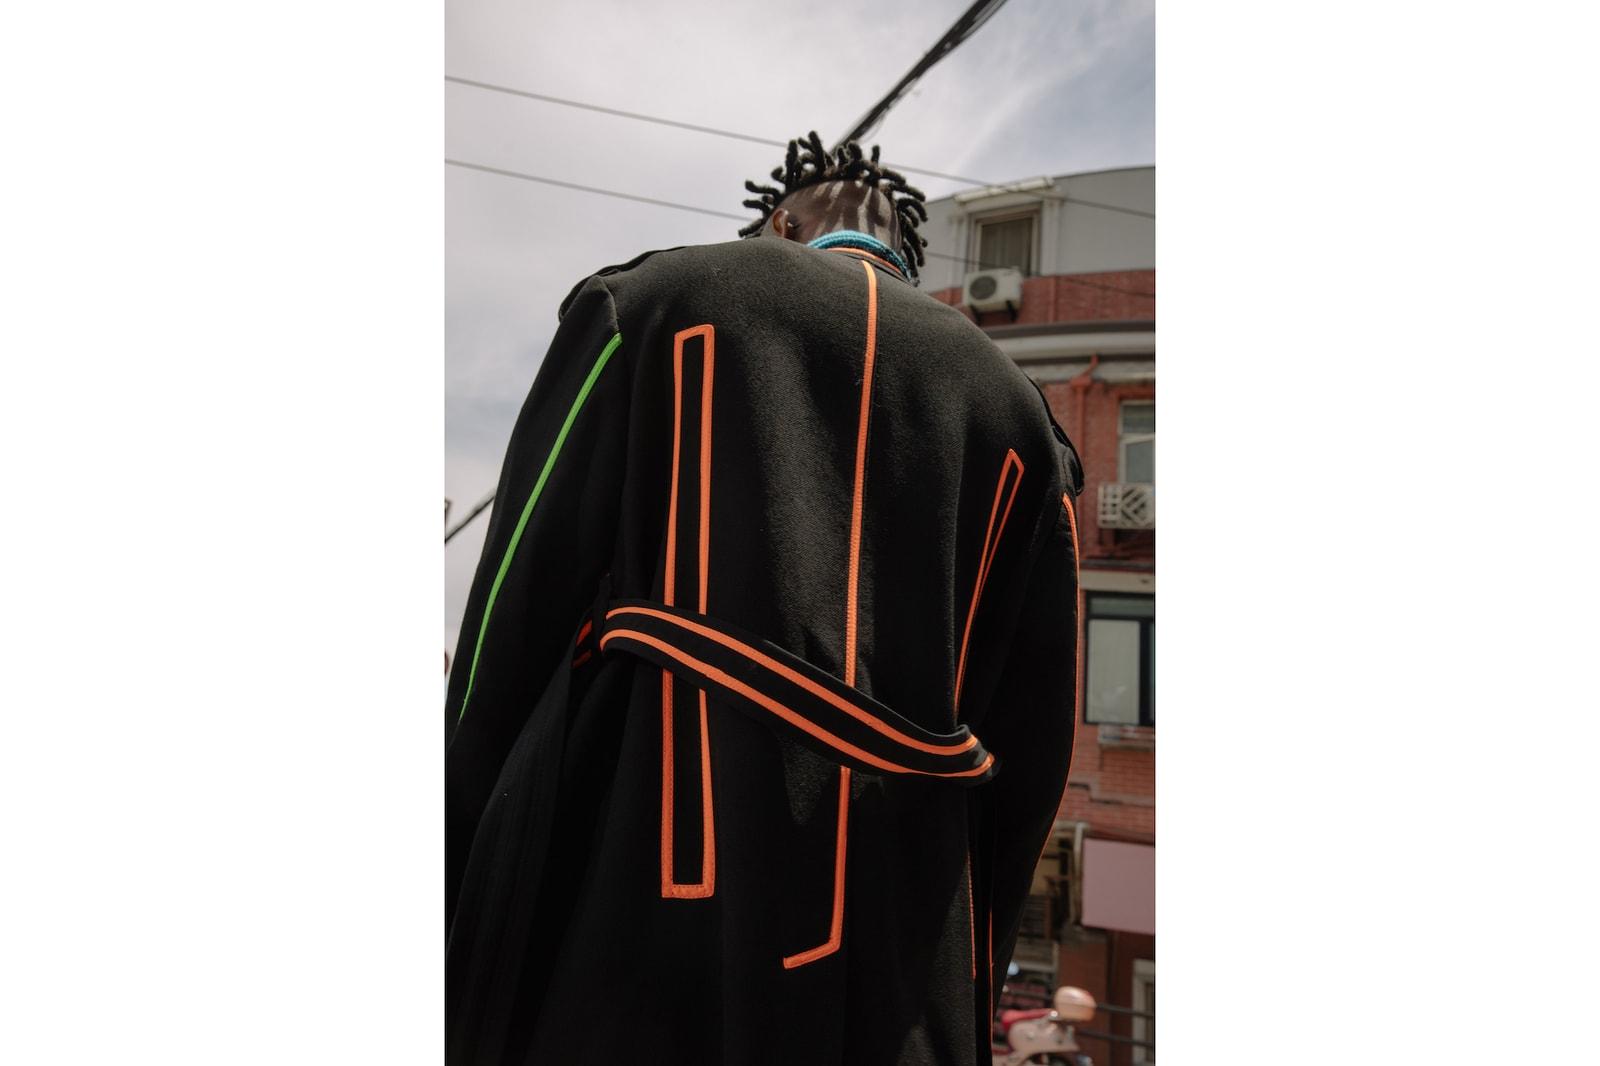 代表中国的十股新生代时装力量-HYPEBEAST 打造中国设计师品牌造型特辑